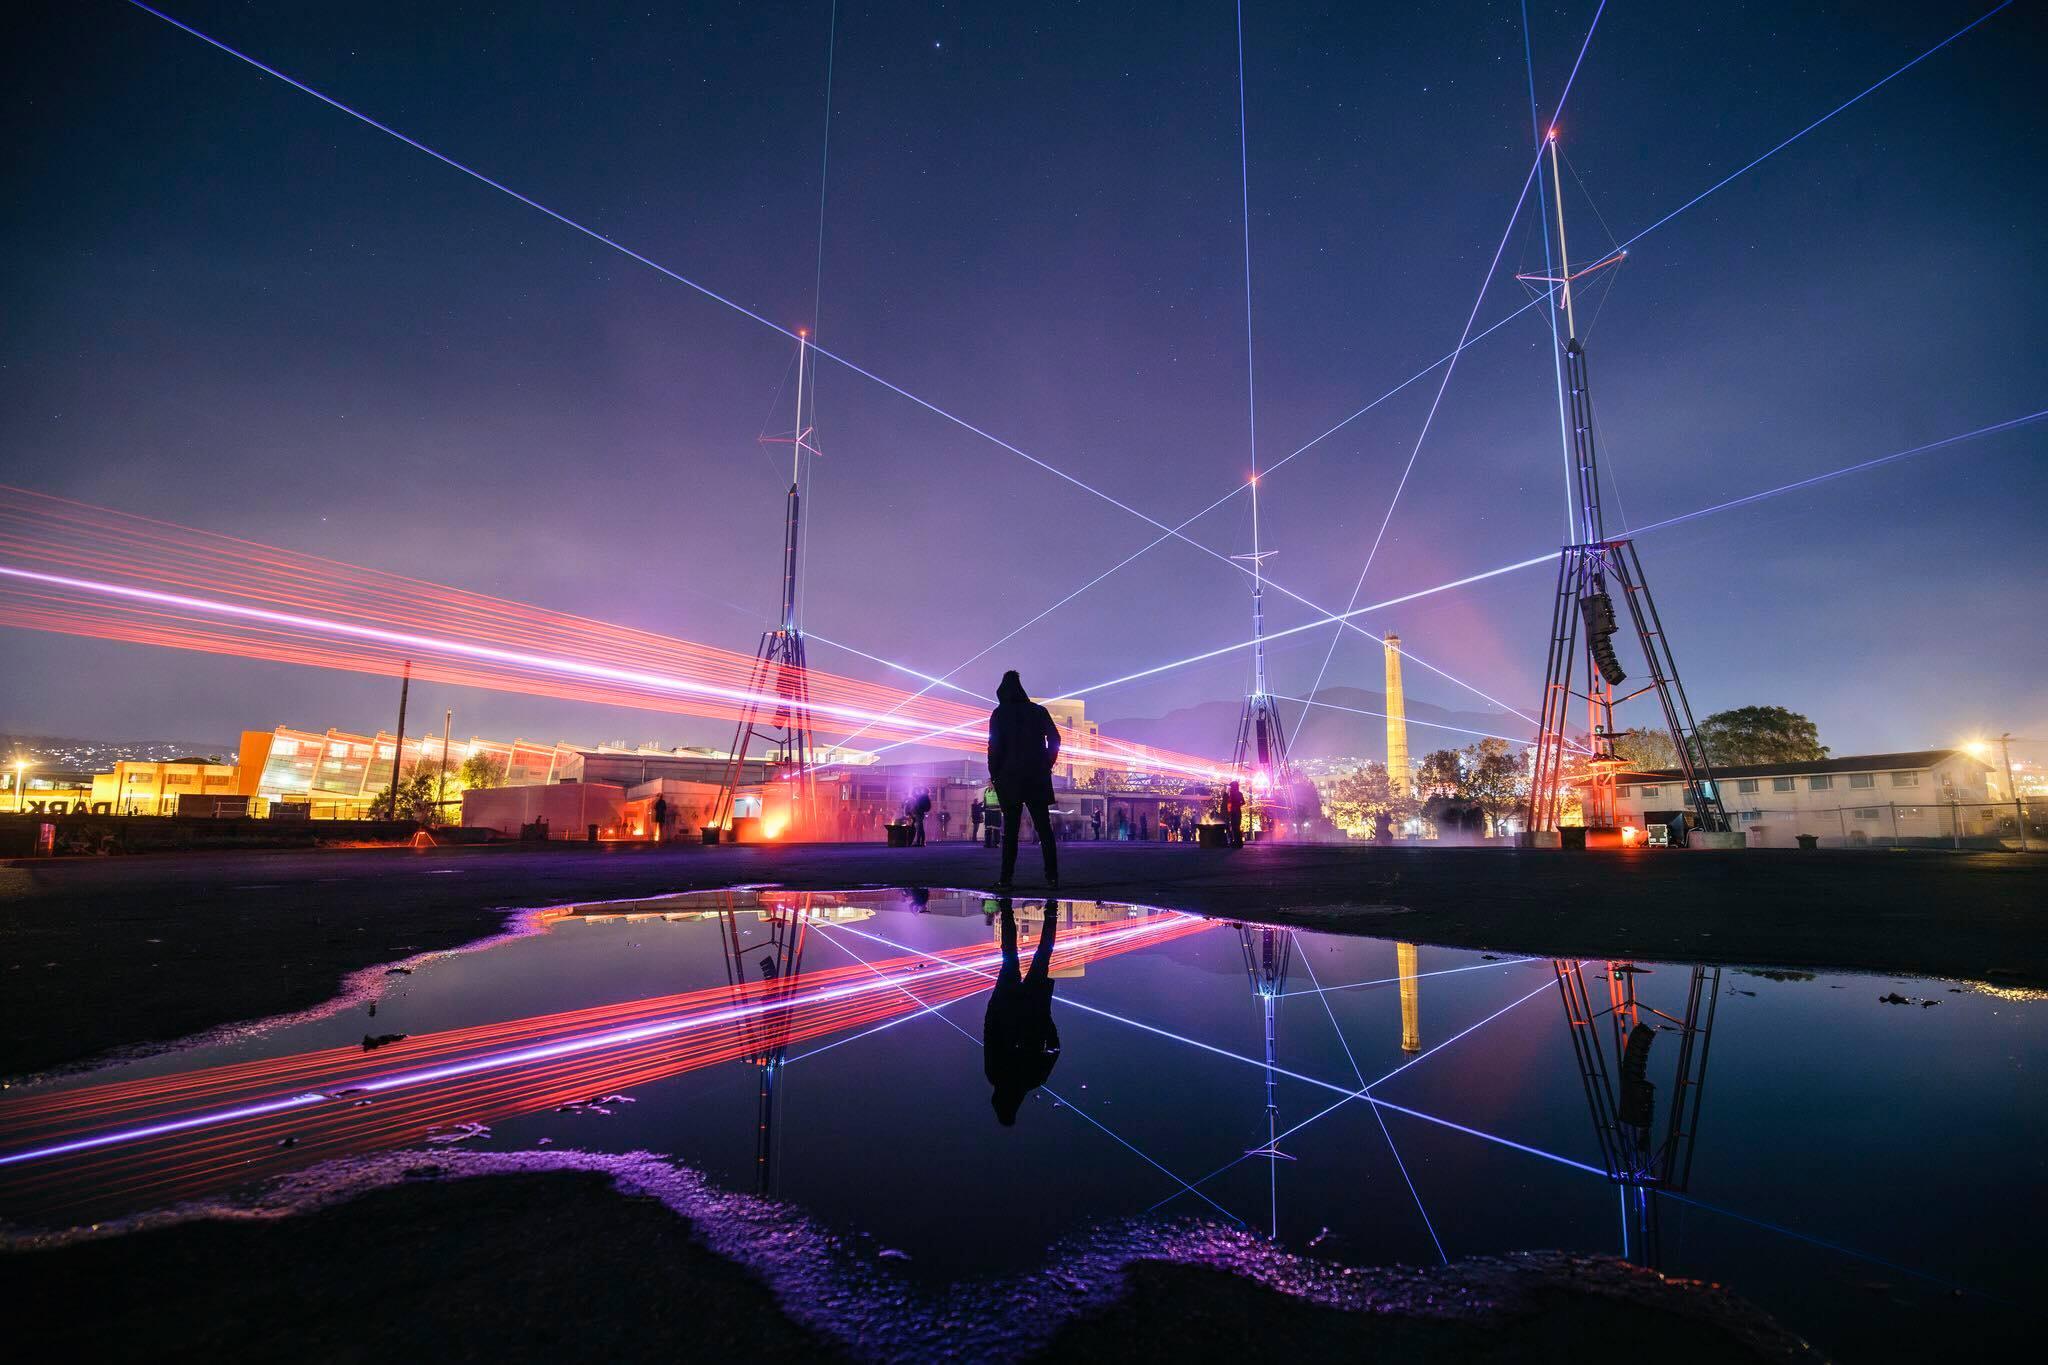 laser lights illuminate the purple night sky at Dark MOFO in Tasmania